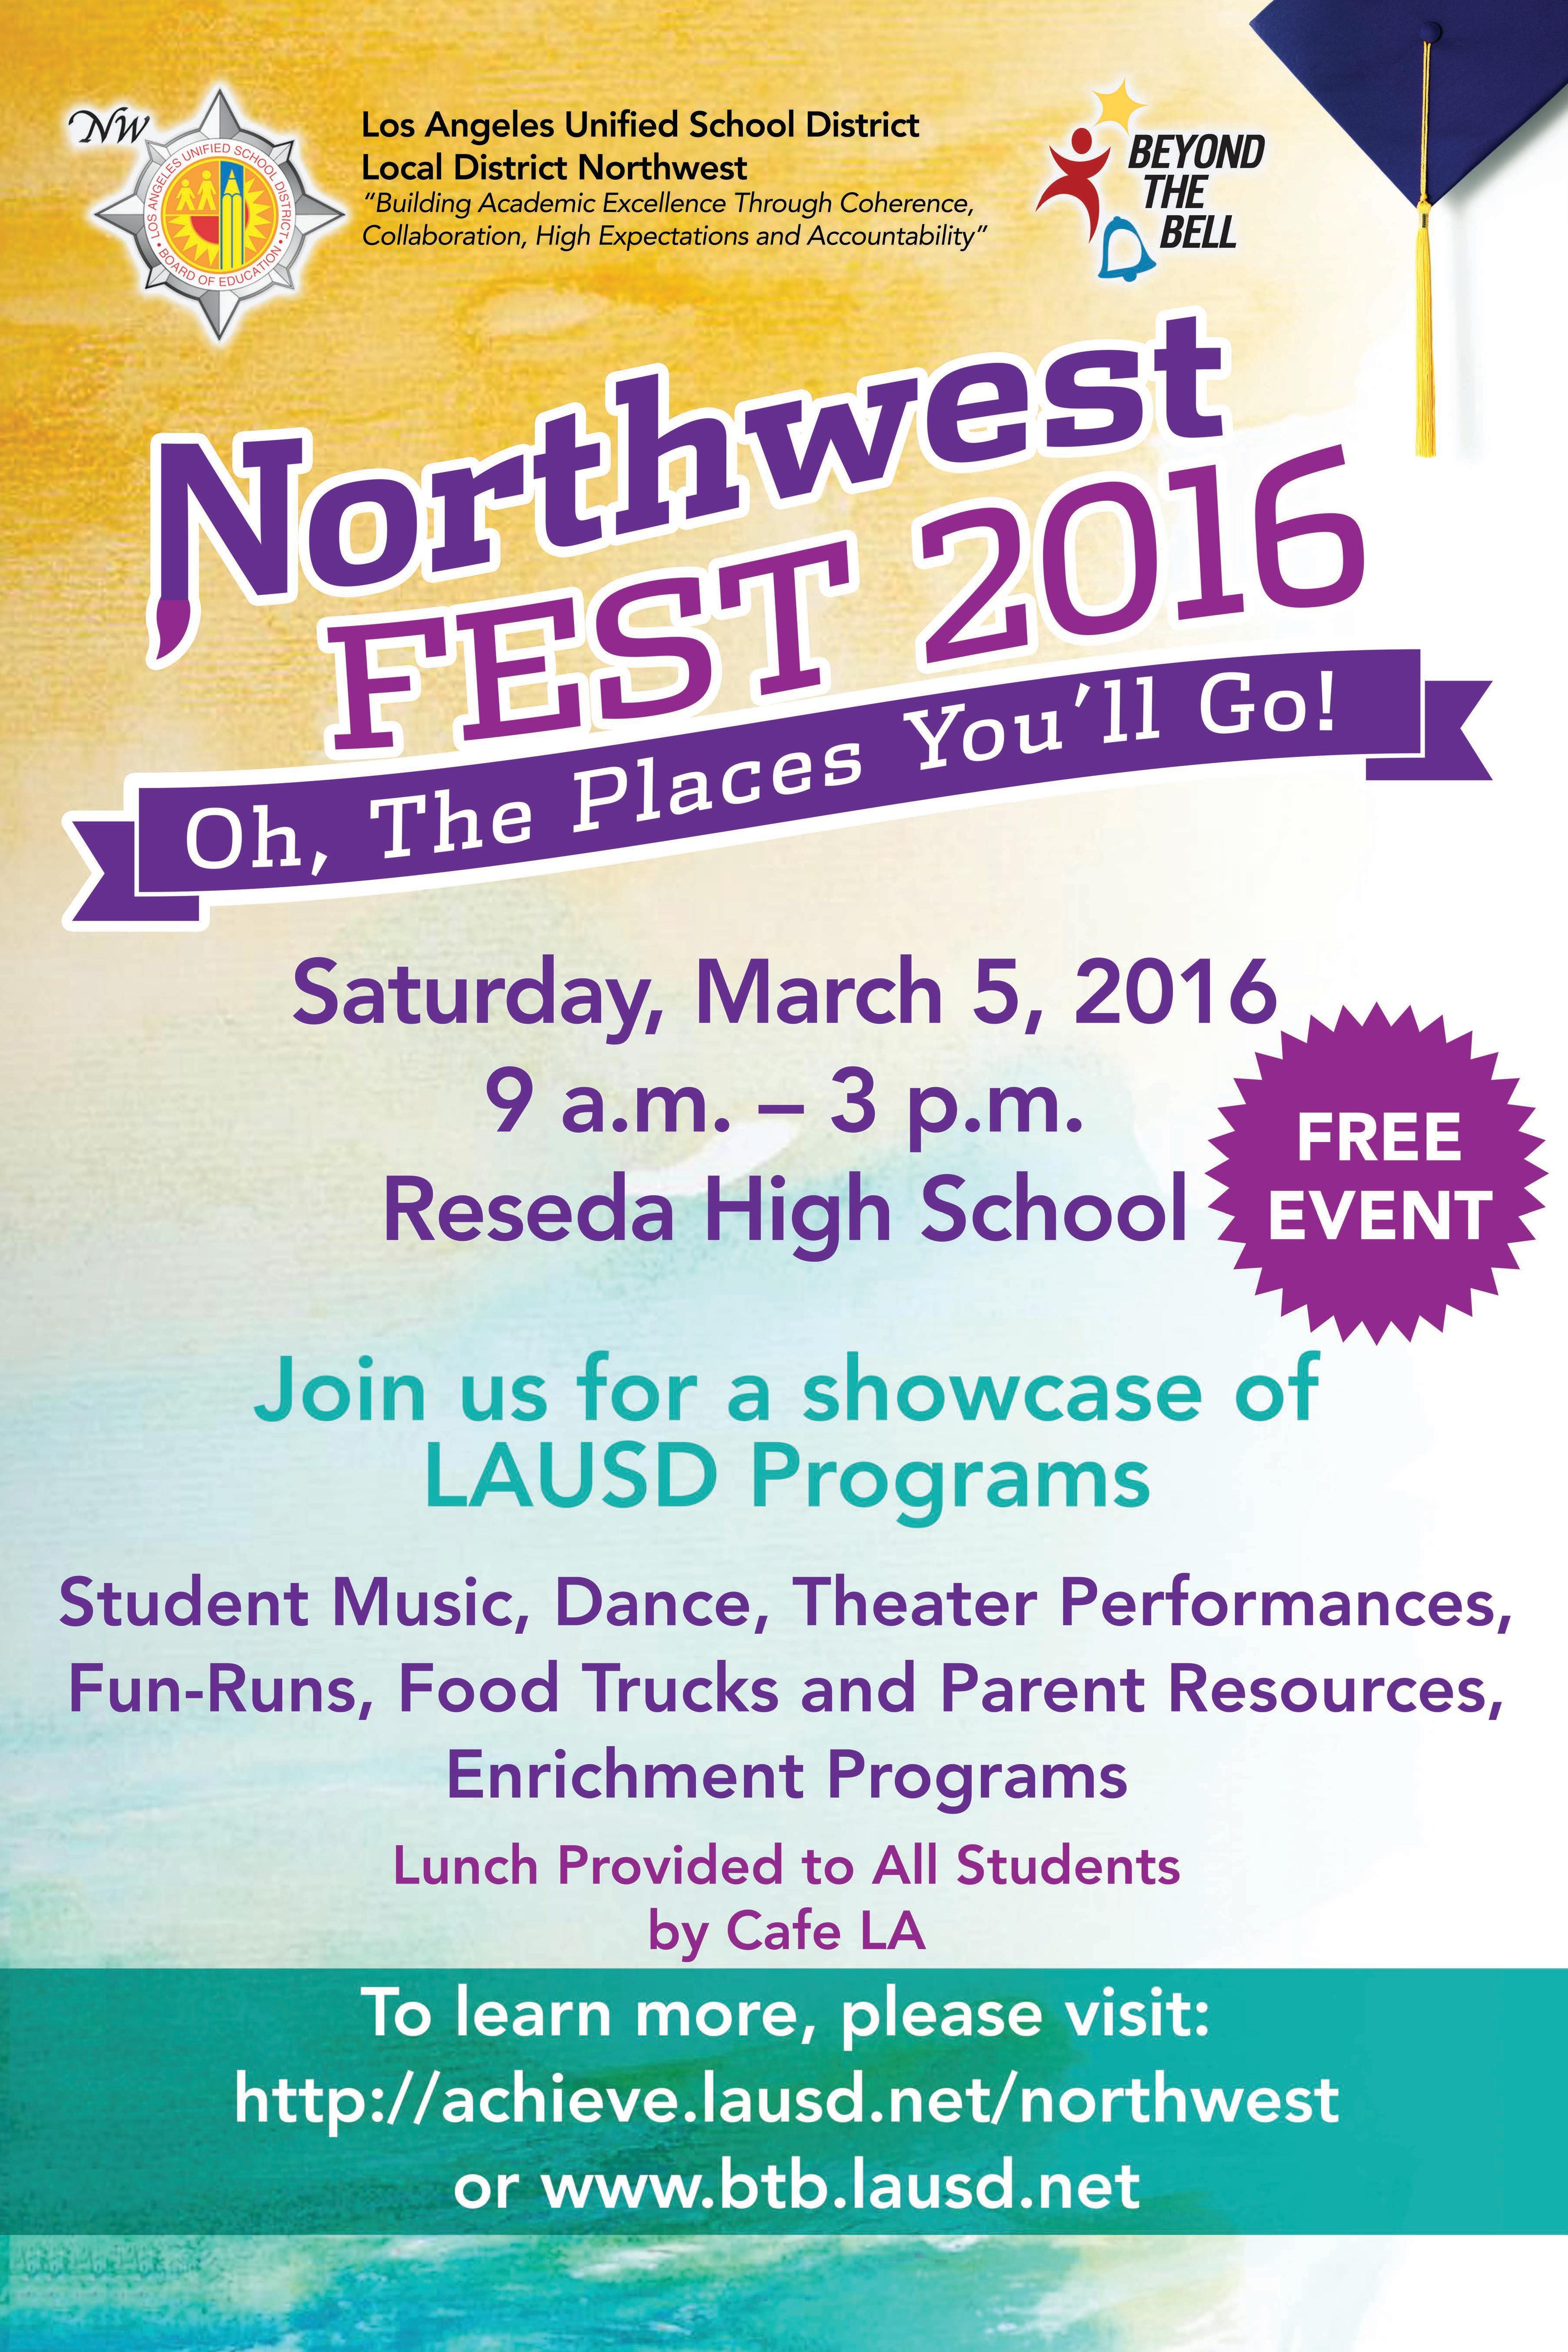 Northwest_Fest2016-page-001.jpg